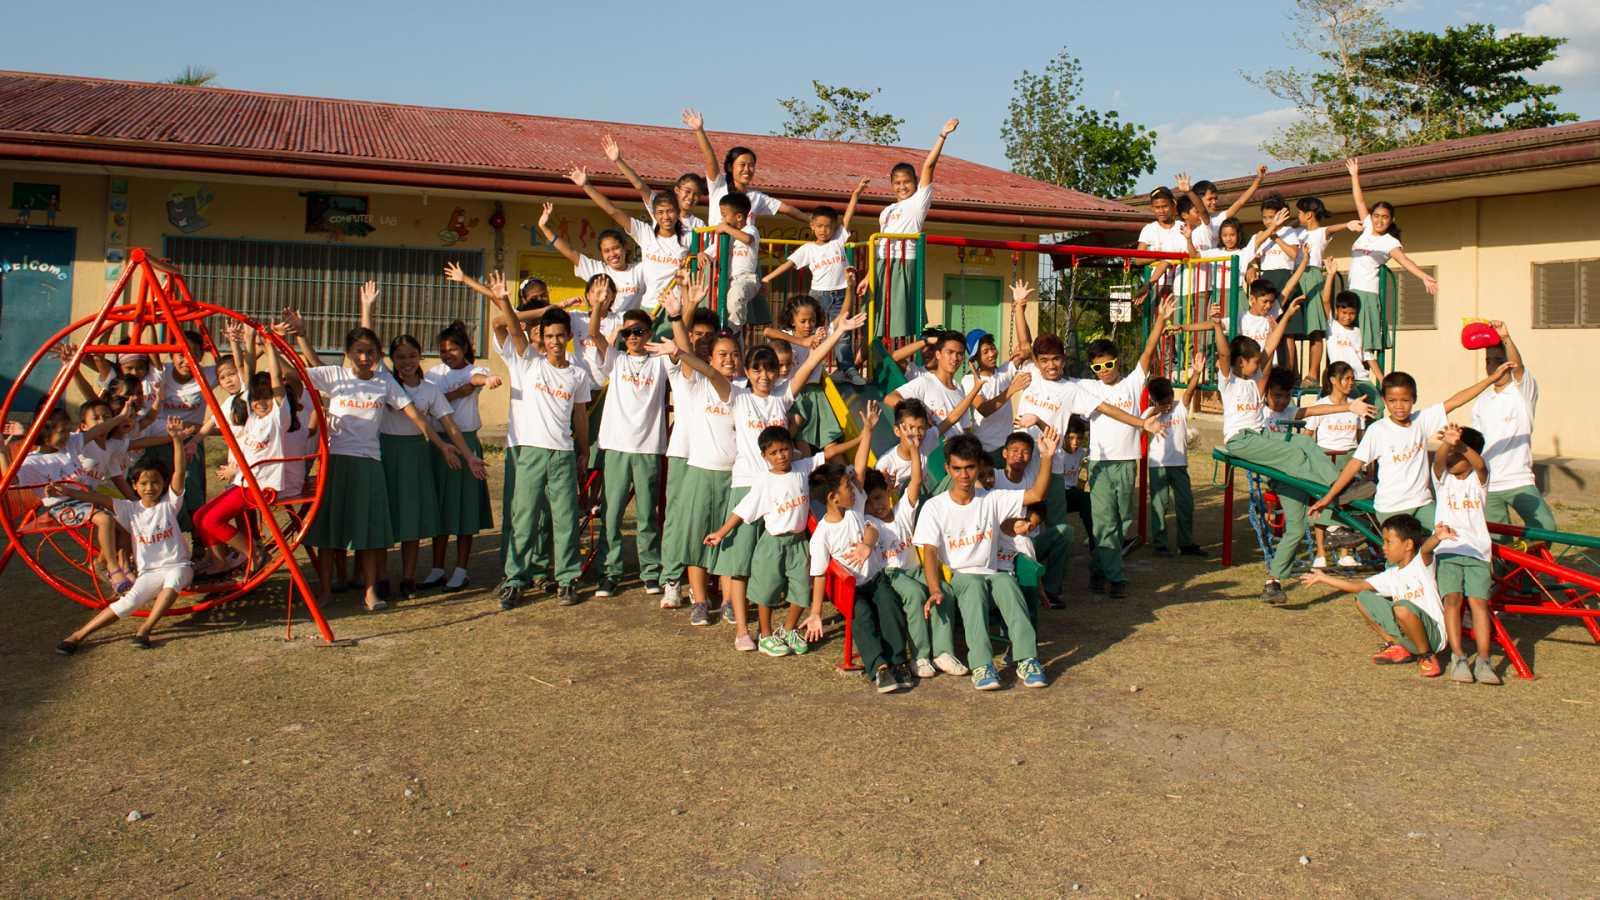 Punto de enlace - Fundación Kalipay, refugio de niños de la calle en Filipinas - escuchar ahora